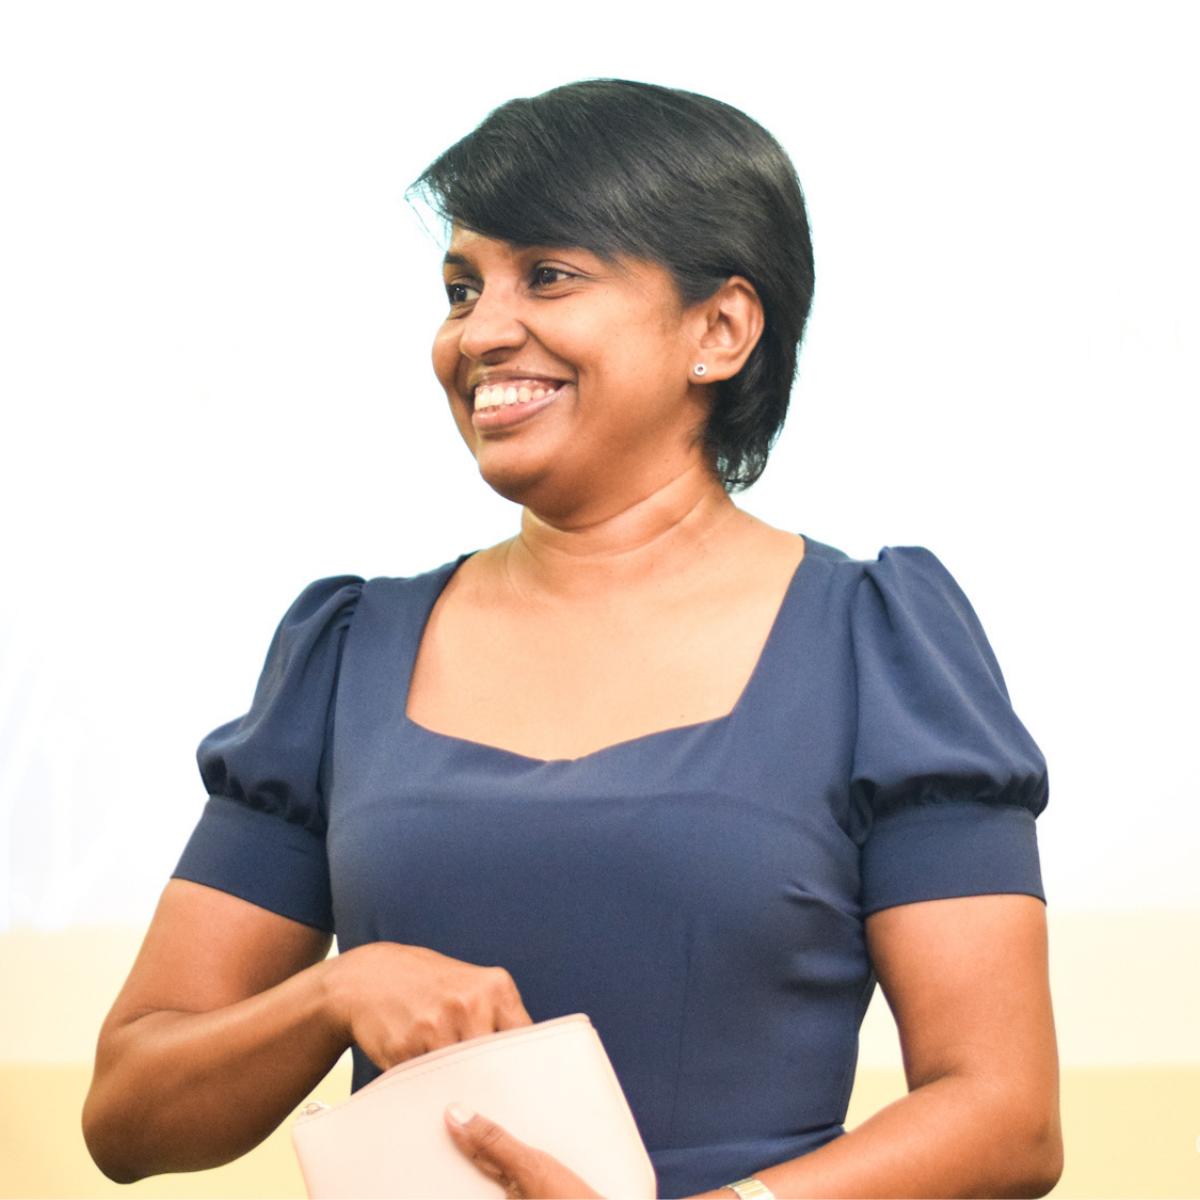 Startup | Women in Tech | Technology | Women | STEM